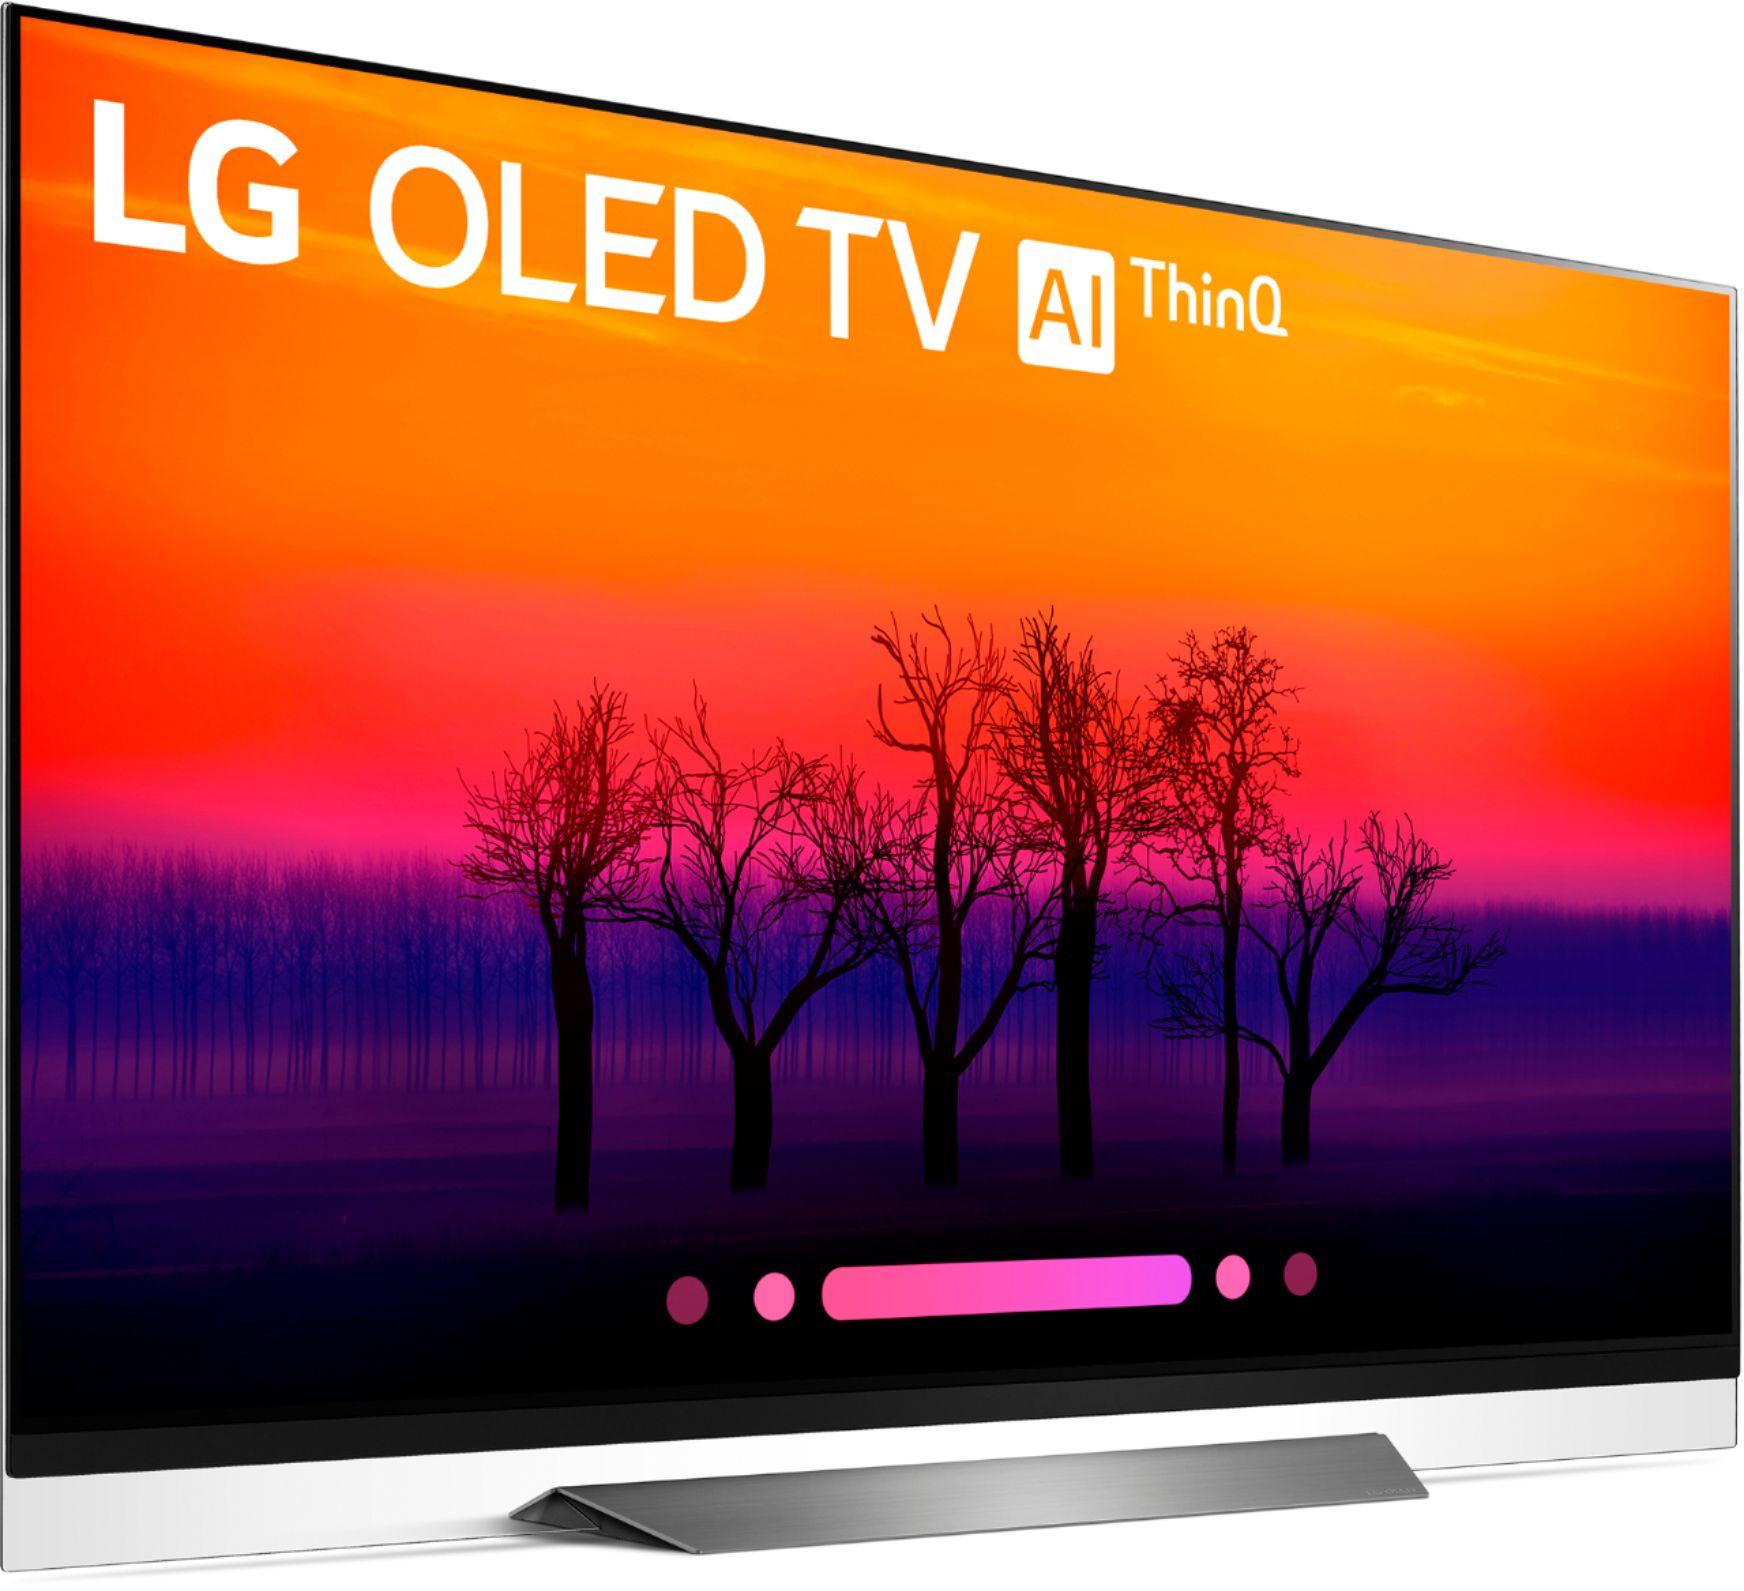 Image 28 for LG OLED55E8PUA